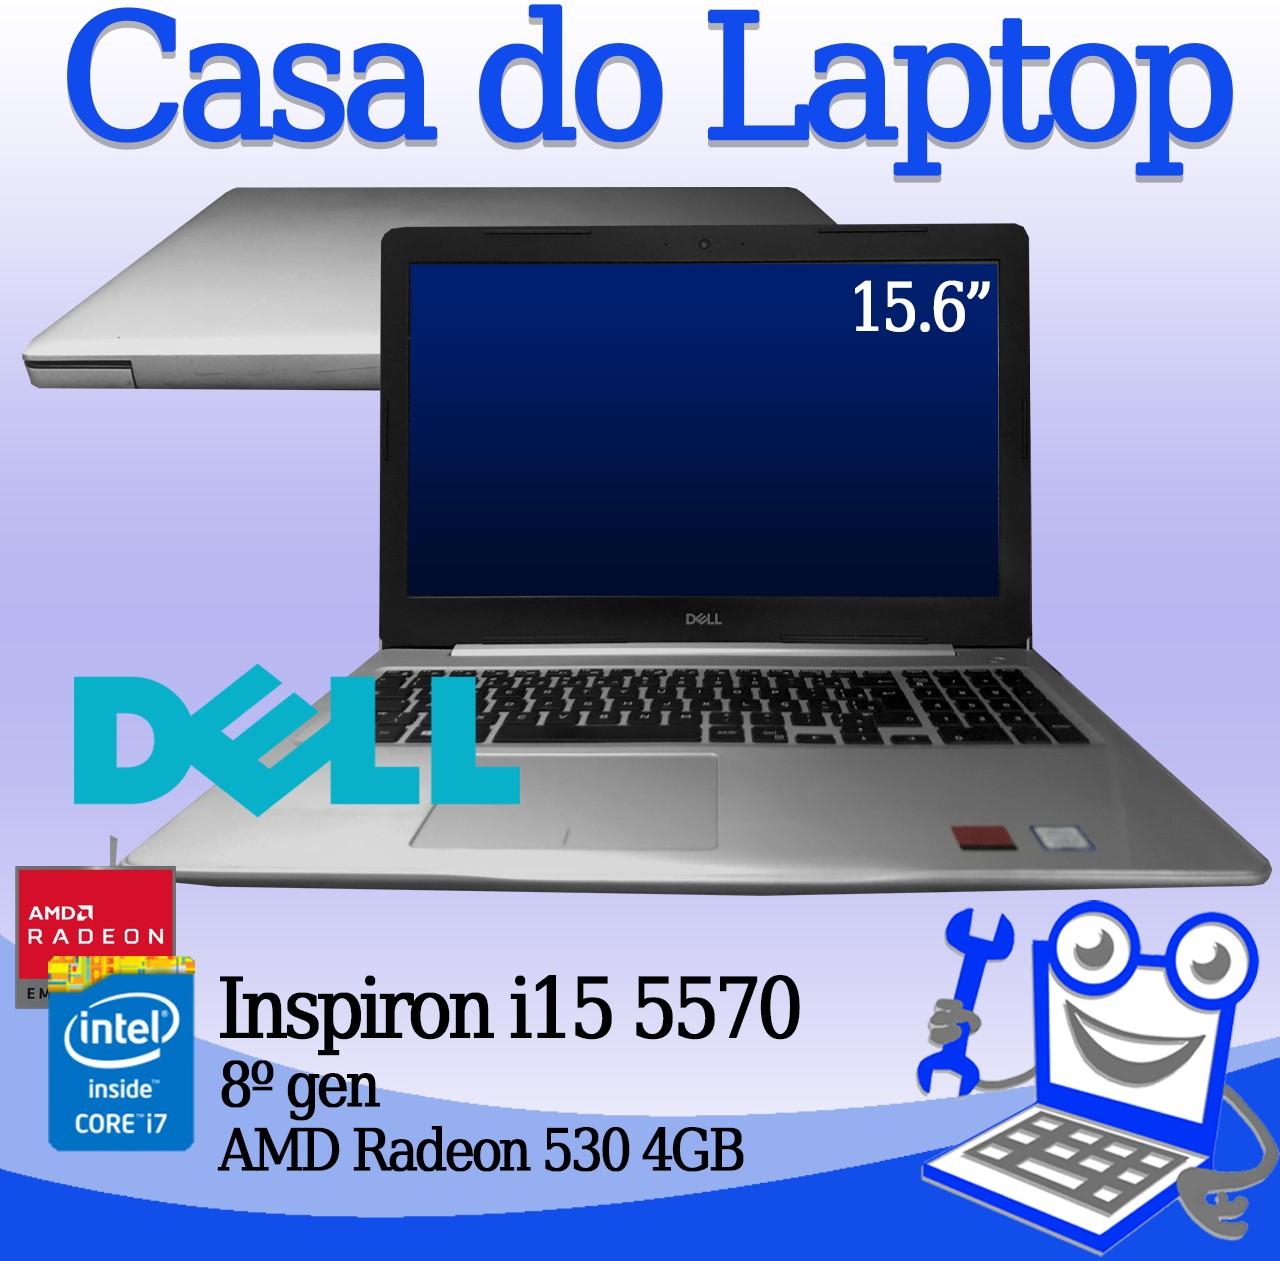 Laptop Dell Inspiron i15 5570 Intel i7 8a. Geração 8GB de memória RAM, 256GB SSD e 4GB de vídeo dedicado Radeon 530